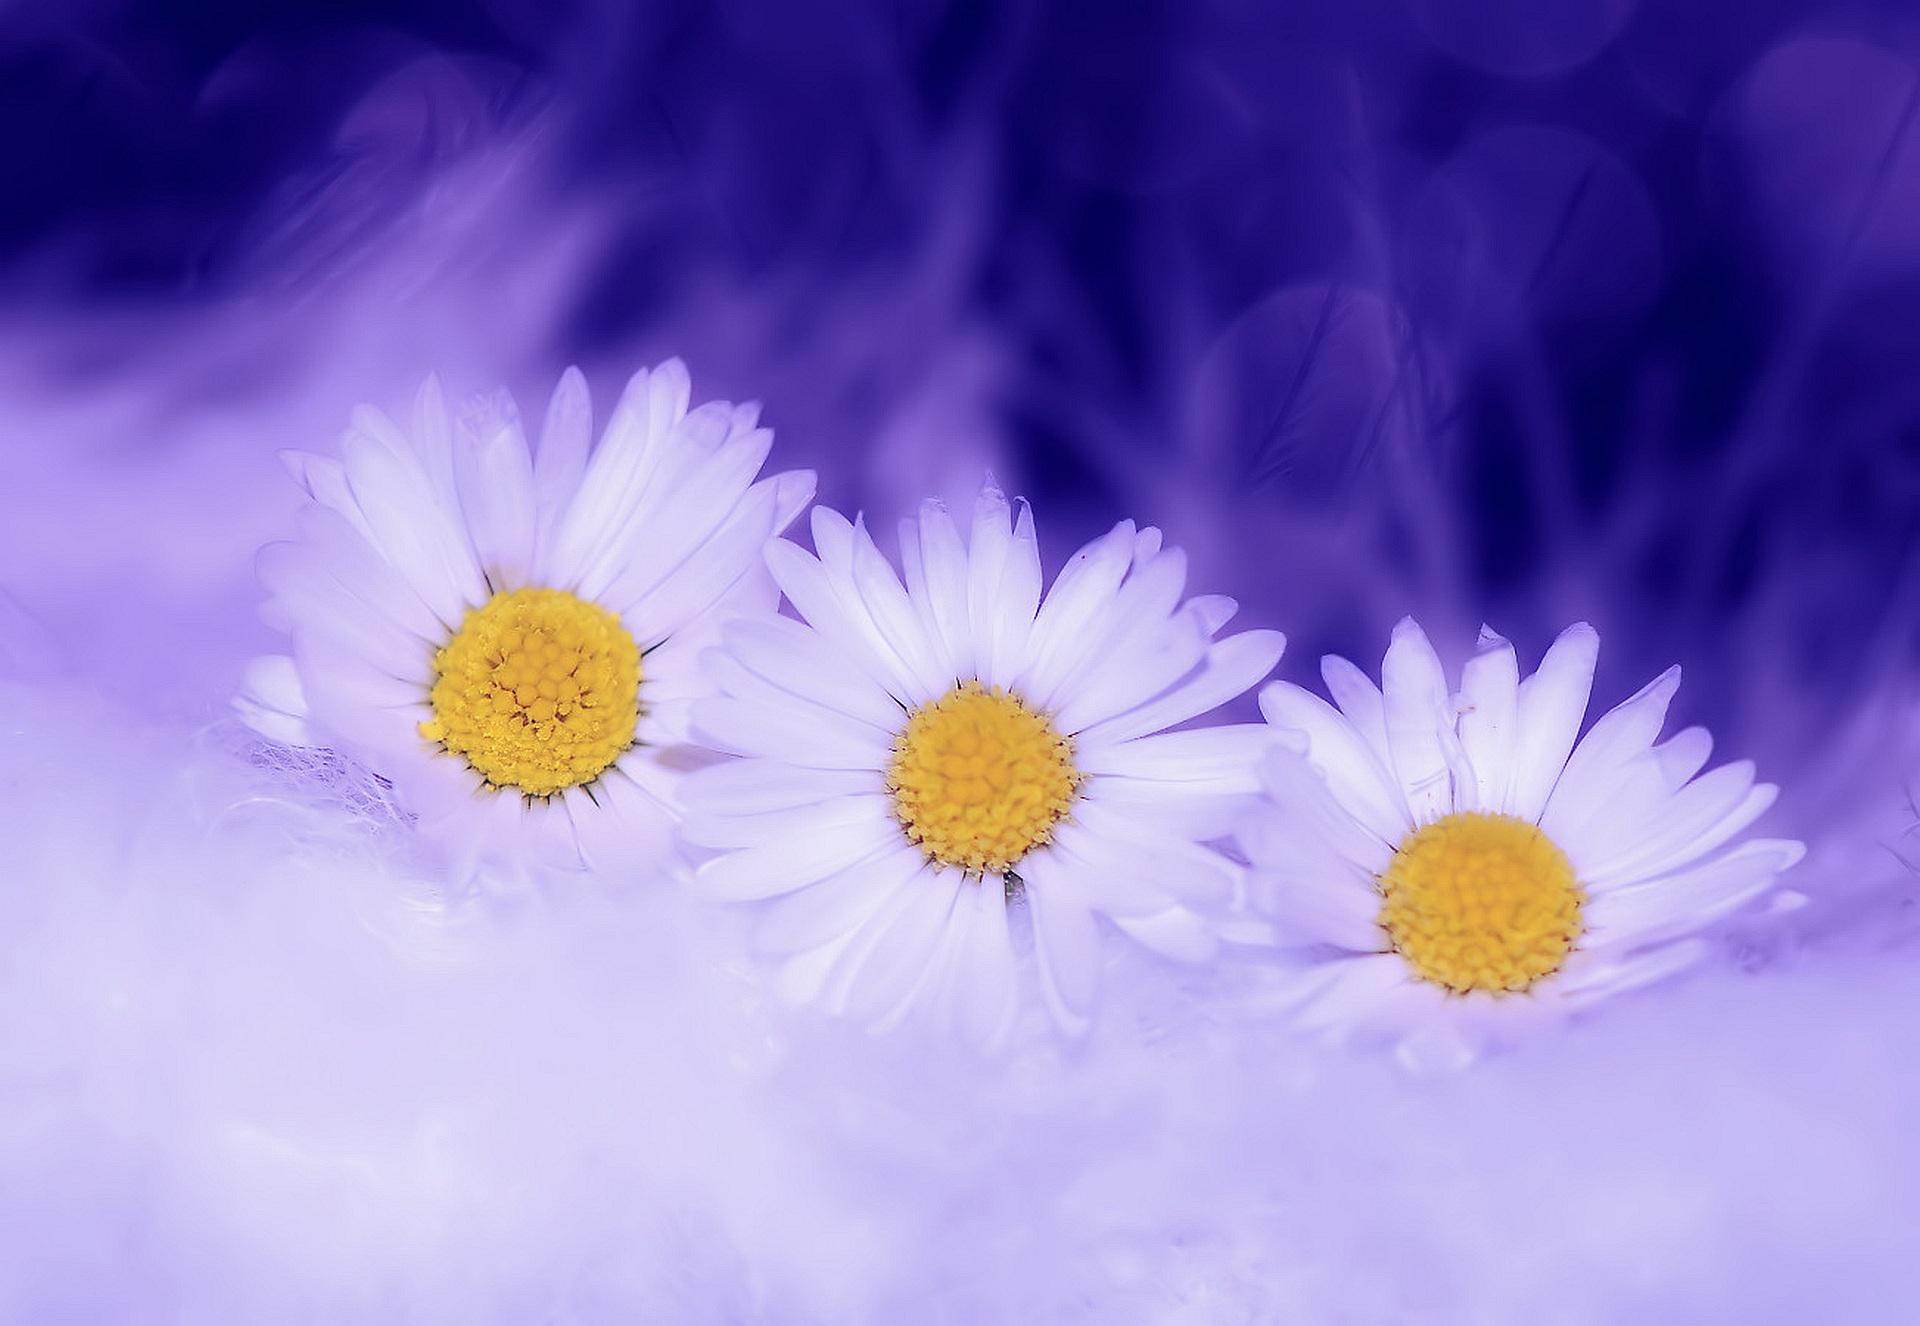 148255 скачать обои Цветы, Макро, Лепестки, Ромашка - заставки и картинки бесплатно